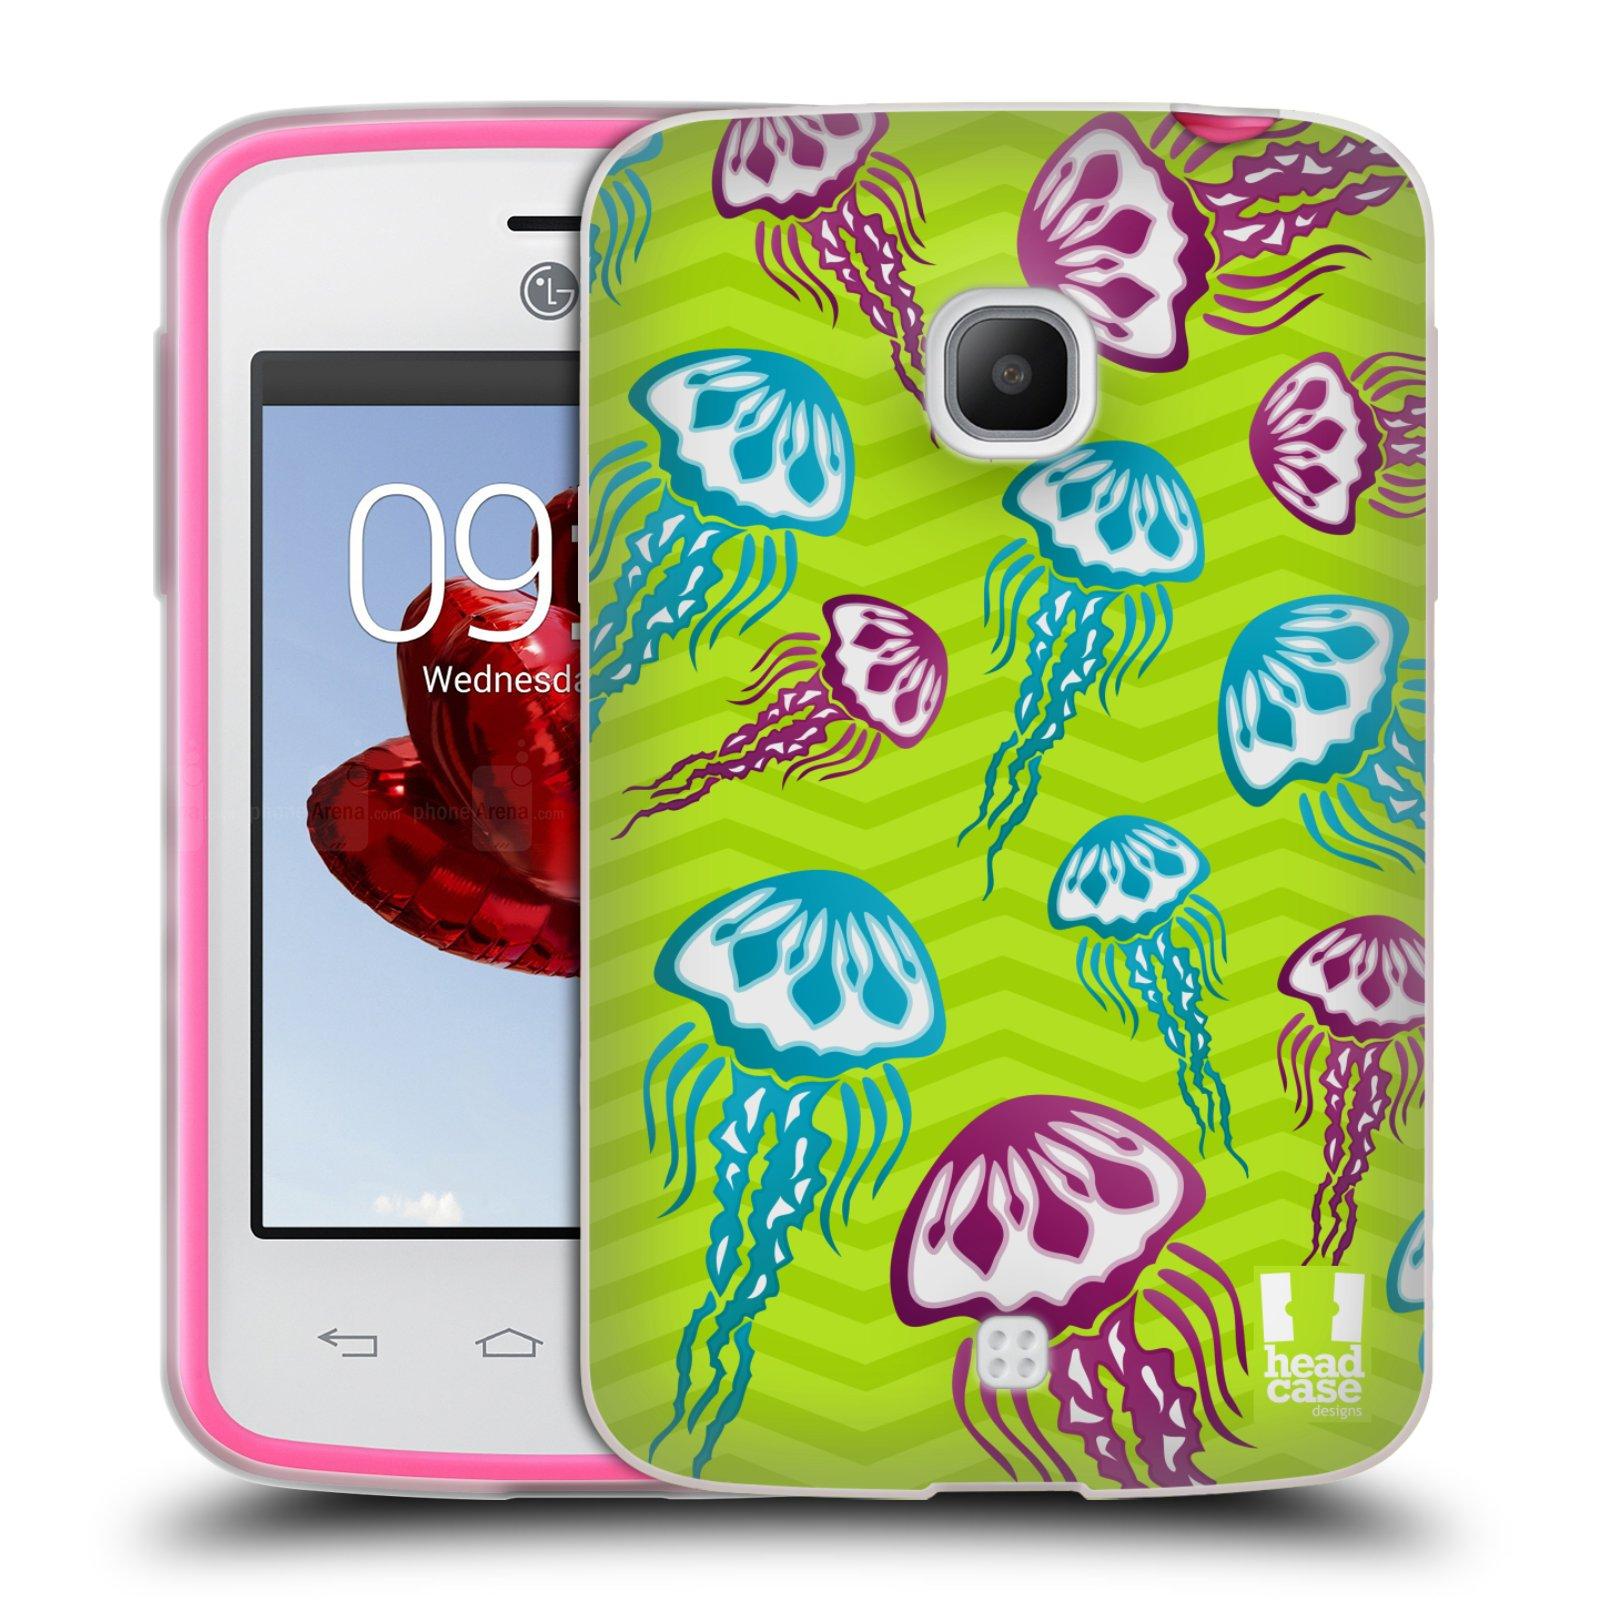 HEAD CASE silikonový obal na mobil LG L30 vzor mořský živočich medůza